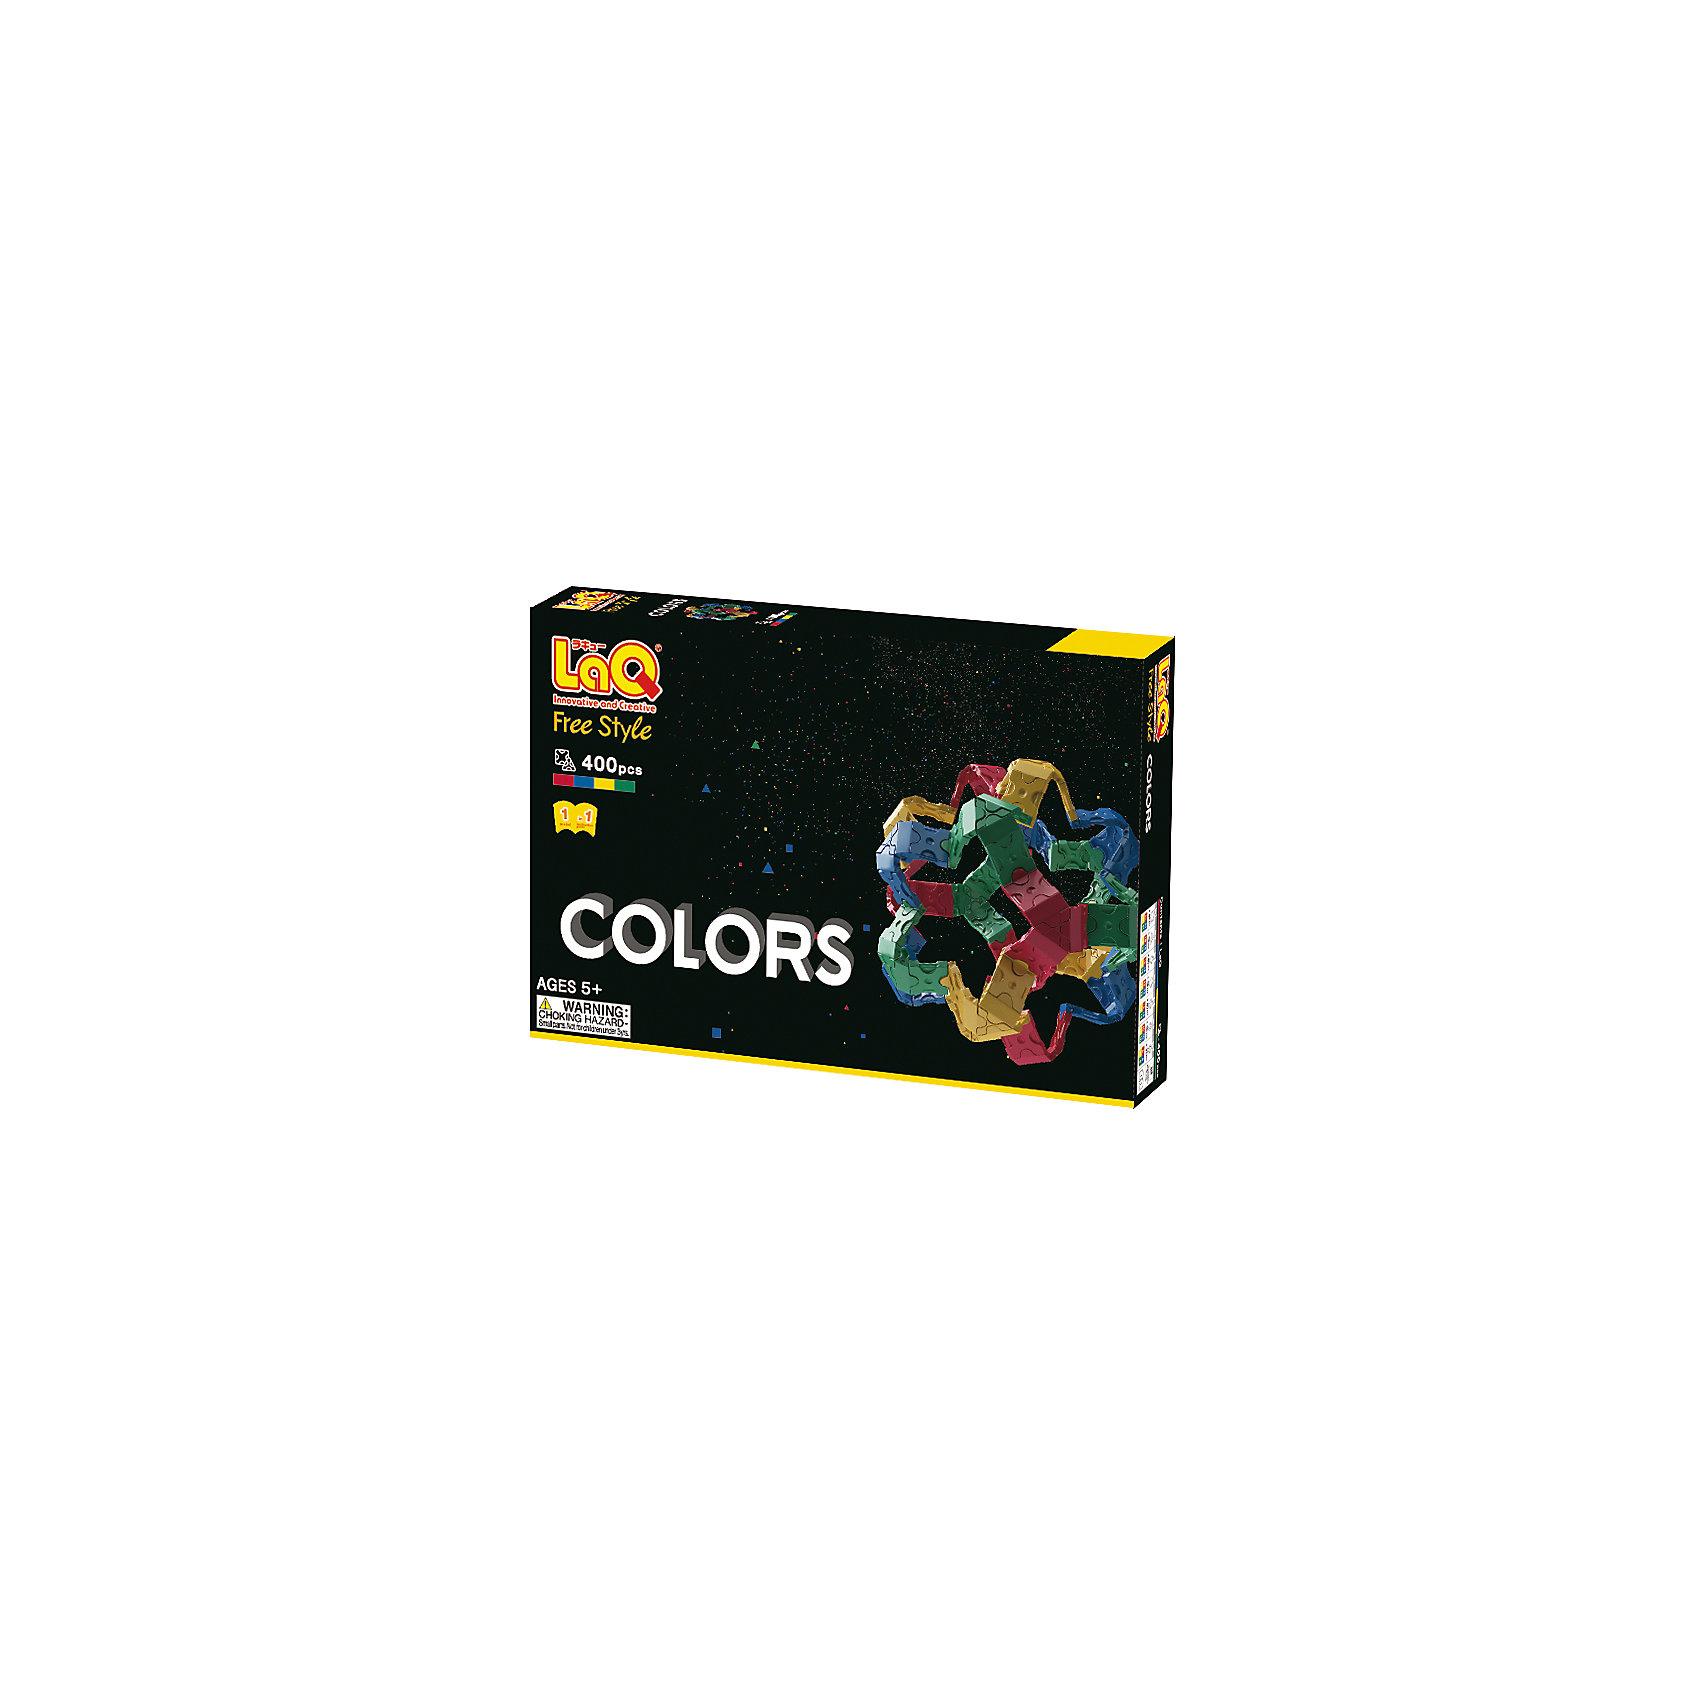 Конструктор Colors, 400 деталей, LaQПластмассовые конструкторы<br>Конструктор Colors состоит из 400 оригинальных деталей, из которых ребенок с легкостью сможет собрать различные транспортные средства, животных, цветы и деревья. В наборе имеются яркие детали с формой треугольника и квадрата, с пятью удобными креплениями. Игра с конструктором развивает воображение, мелкую моторику и усидчивость. Соединять детали невероятно просто, что позволит юному ребенку играть с удовольствием!<br><br>Дополнительная информация:<br>В наборе: 400 деталей(4 цвета)<br>Материал: пластик<br>Размер упаковки: 24х16х4 см<br>Конструктор Colors можно приобрести в нашем интернет-магазине.<br><br>Ширина мм: 240<br>Глубина мм: 160<br>Высота мм: 40<br>Вес г: 327<br>Возраст от месяцев: 60<br>Возраст до месяцев: 1188<br>Пол: Унисекс<br>Возраст: Детский<br>SKU: 4944574